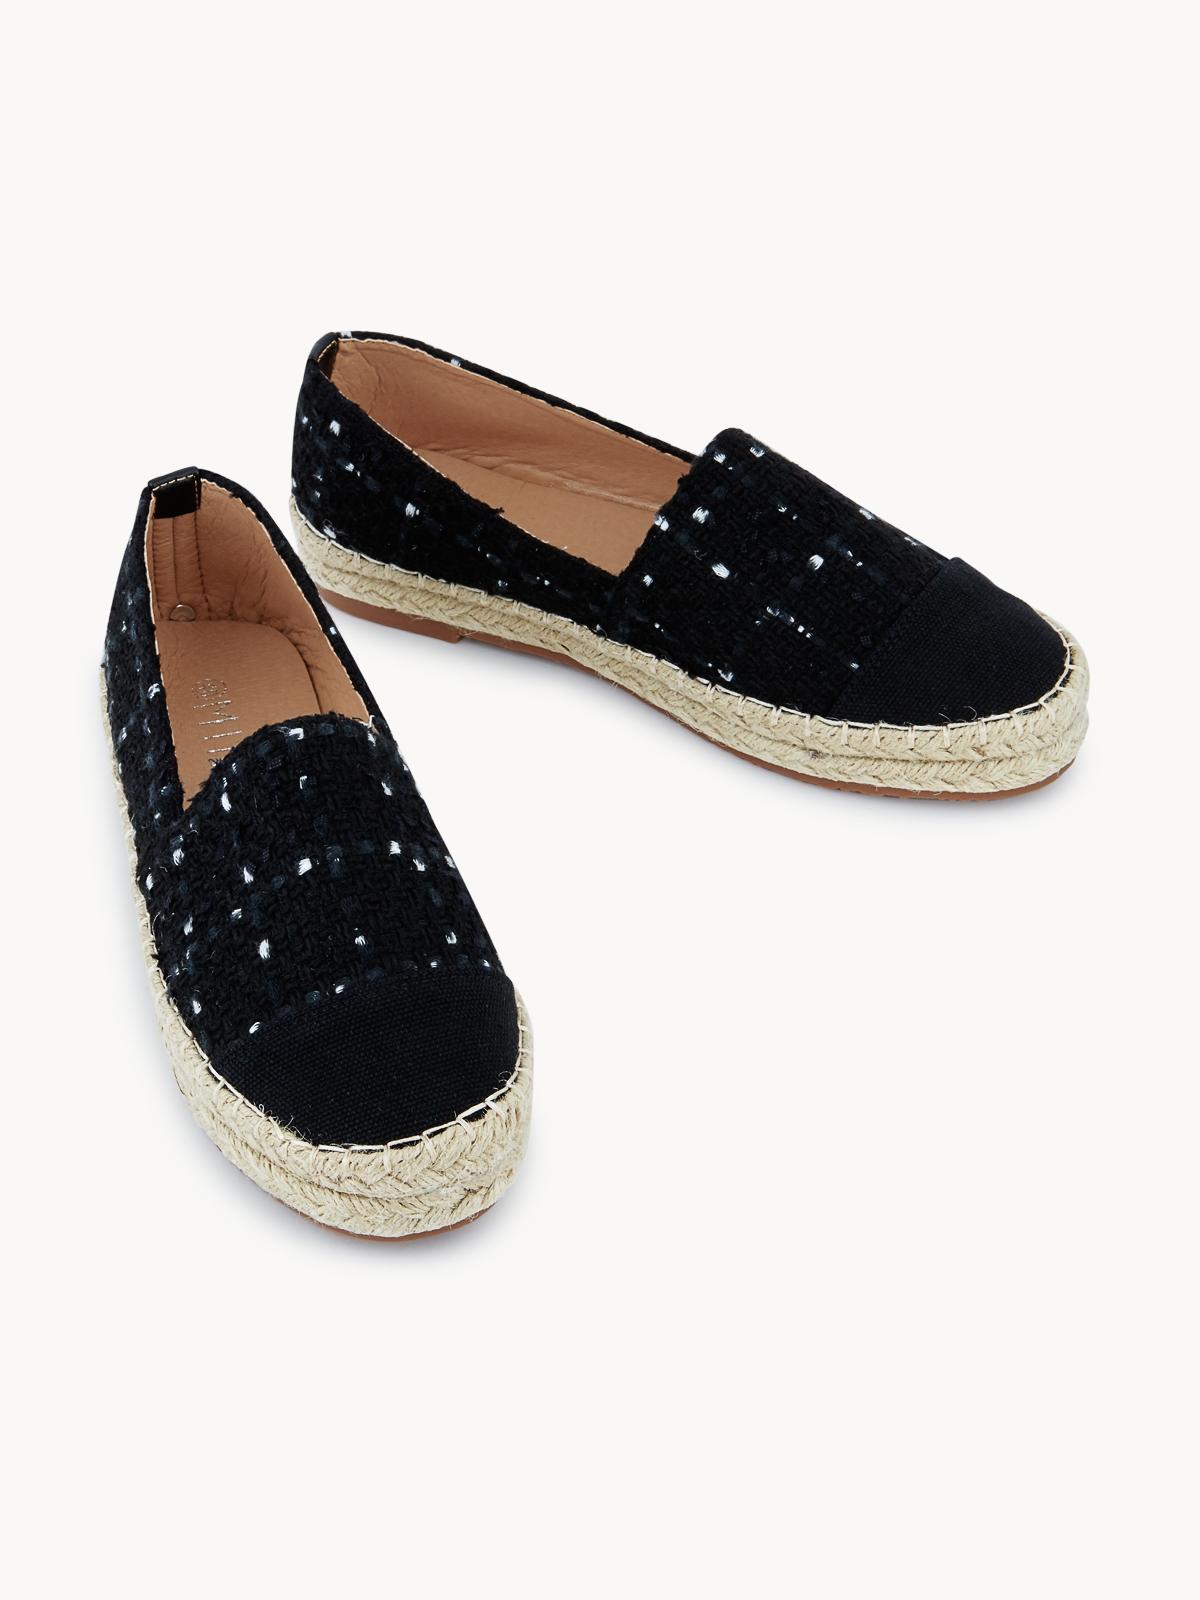 MINX Chloe Tweed Sneakers Black